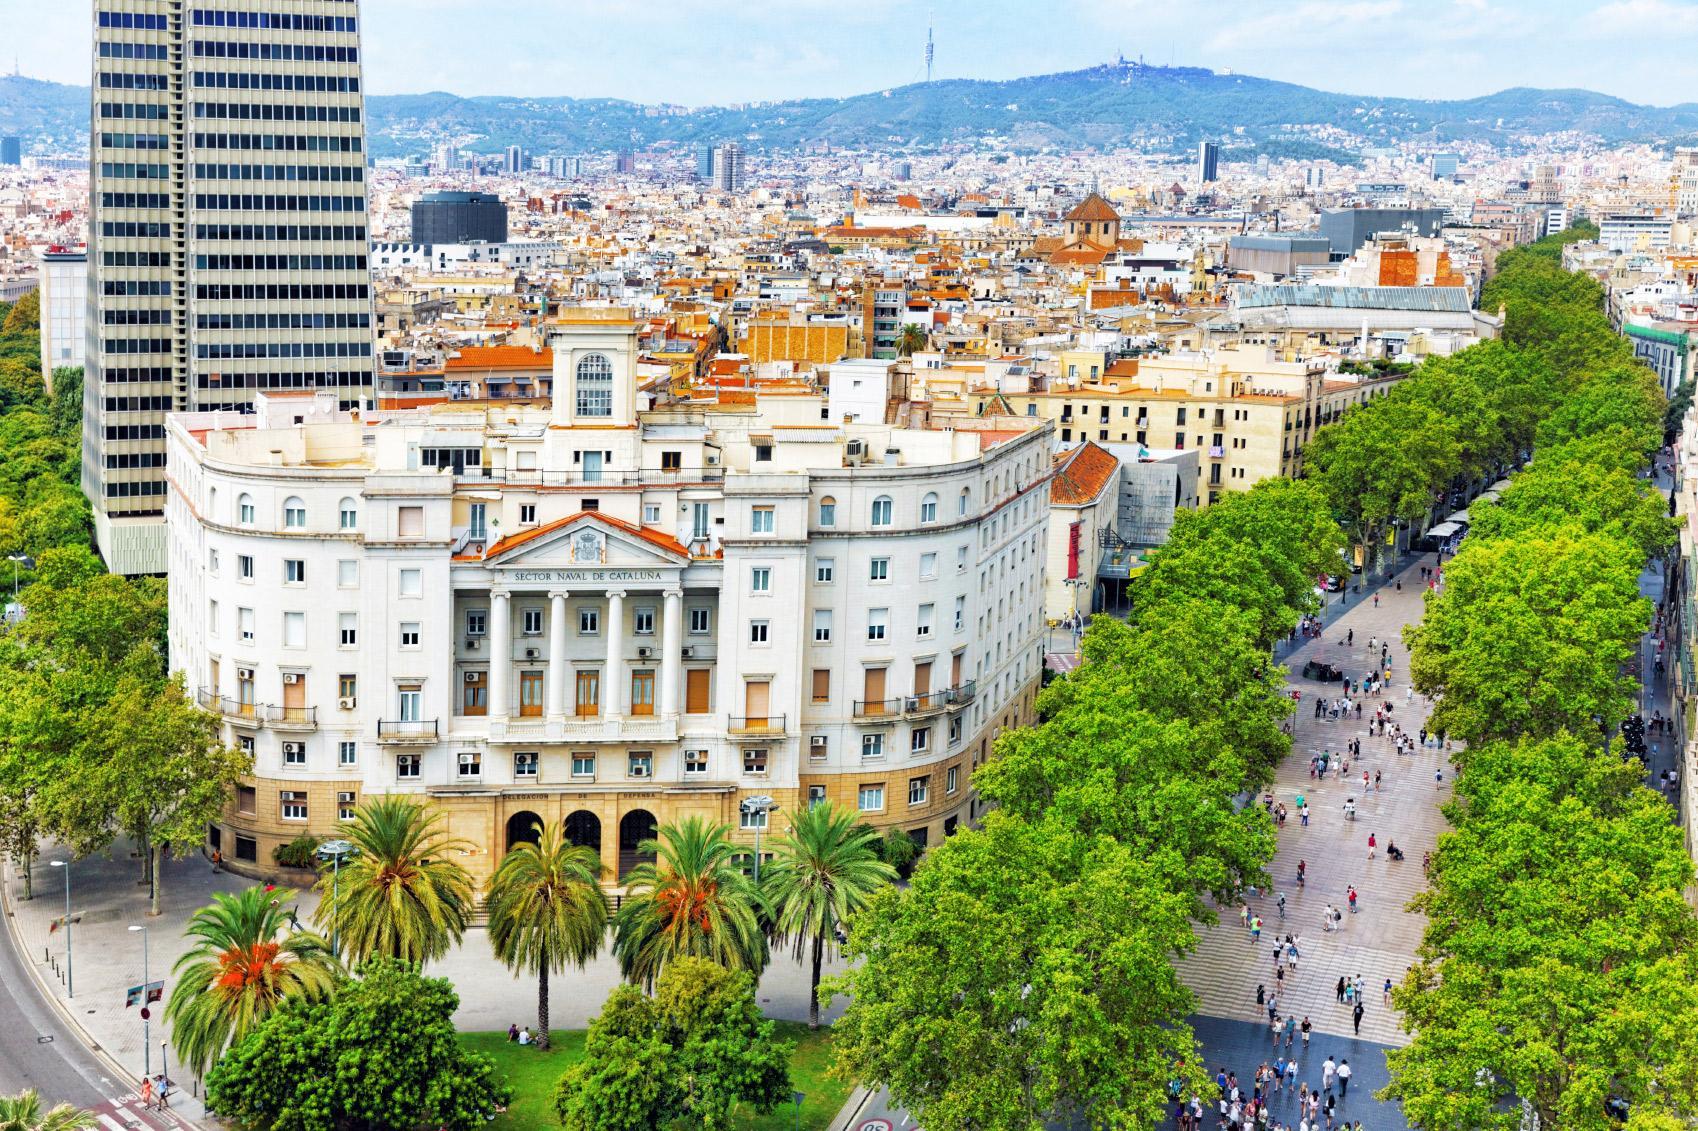 Karta Over Sevardheter I Barcelona.13 Gratisnojen I Barcelona Basta Tipsen For Dig Med Liten Budget